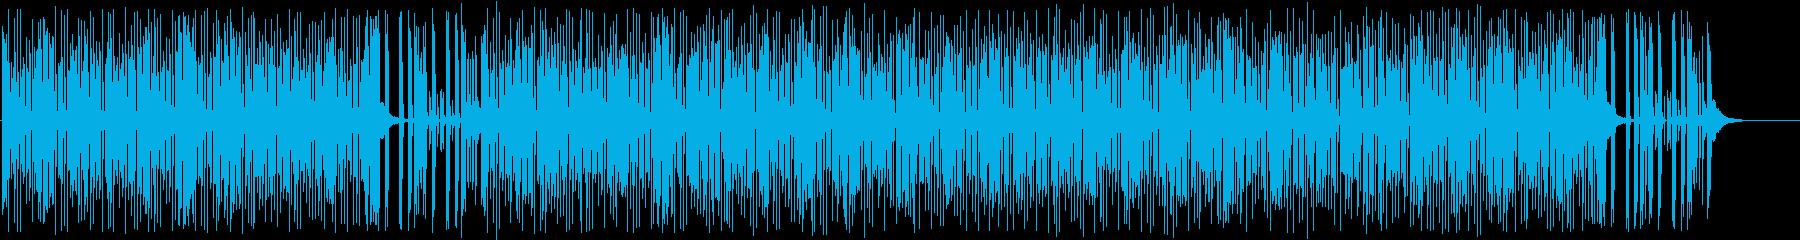 疾走感と躍動的なシンセサイザーポップの再生済みの波形